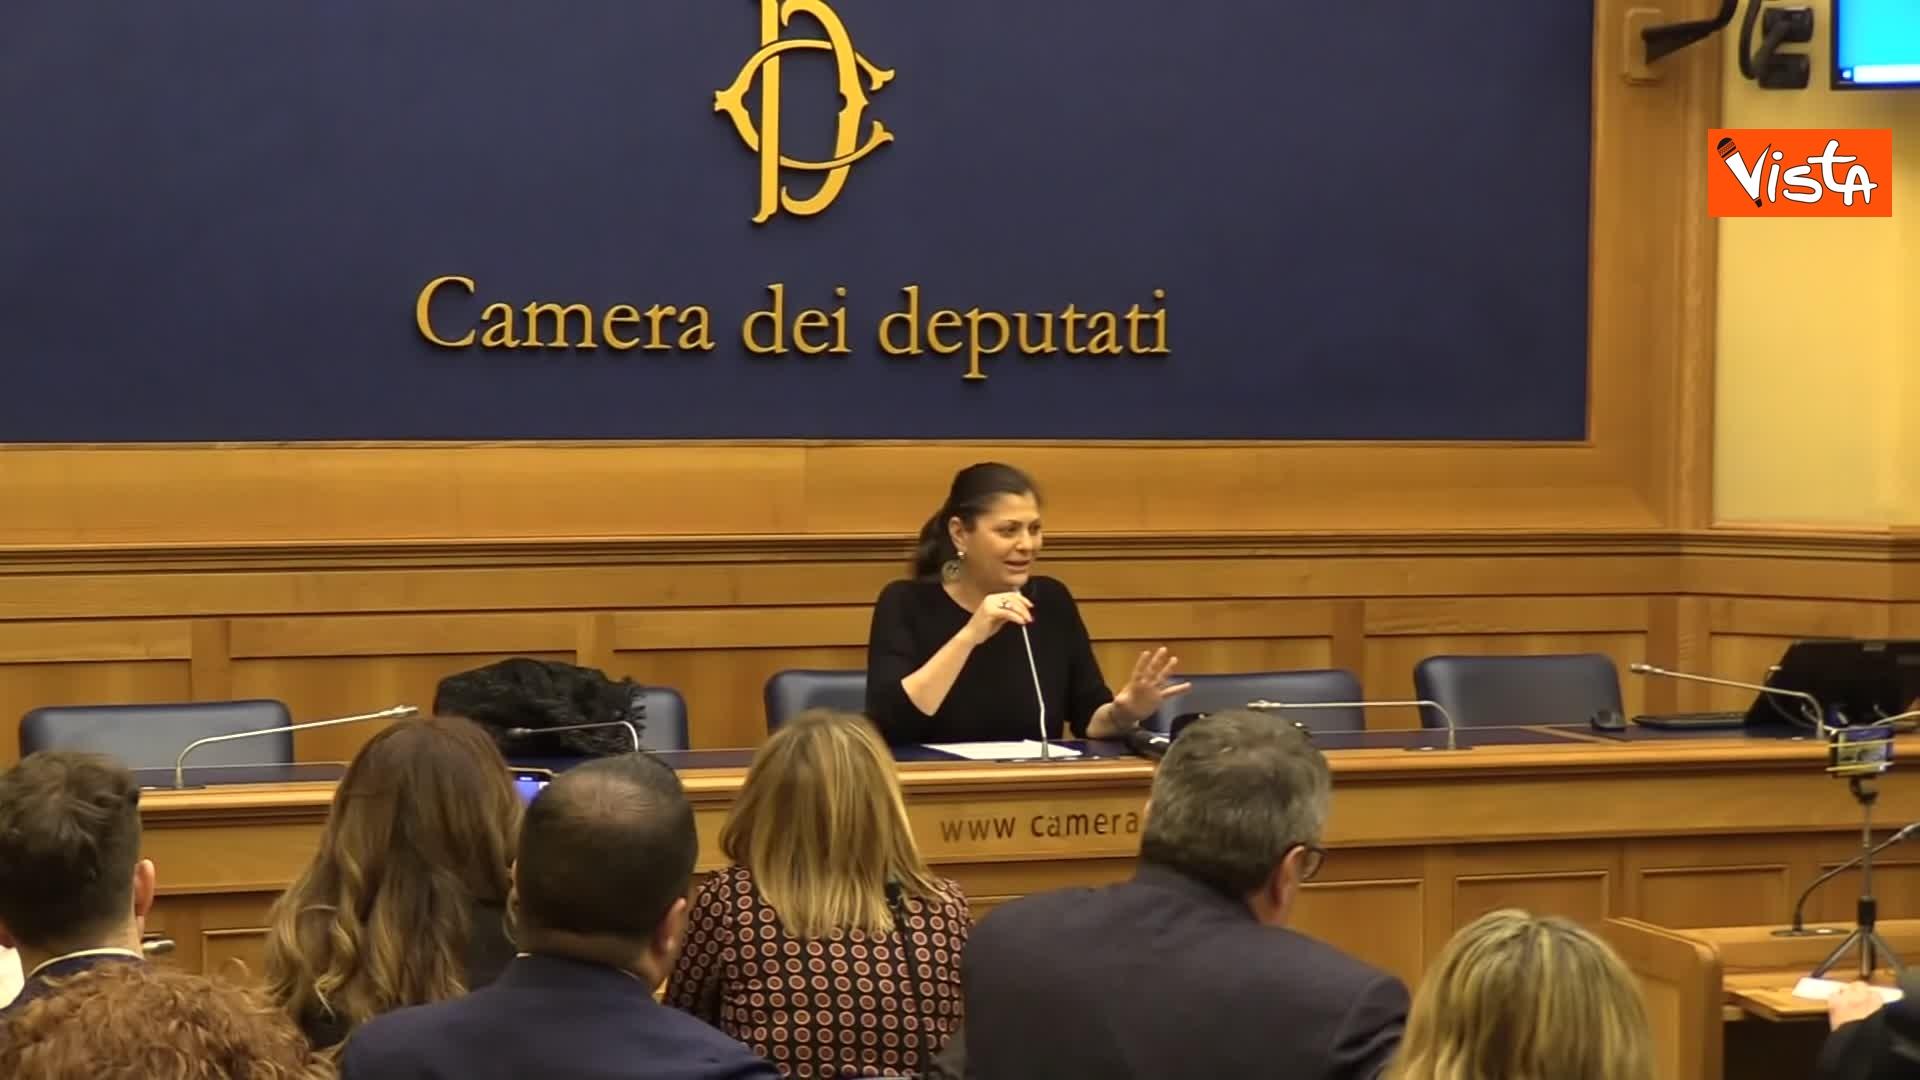 18-02-20 Jole Santelli presenta il nuovo Assessore all'Ambiente della Calabria 'Capitano Ultimo', le immagini_02